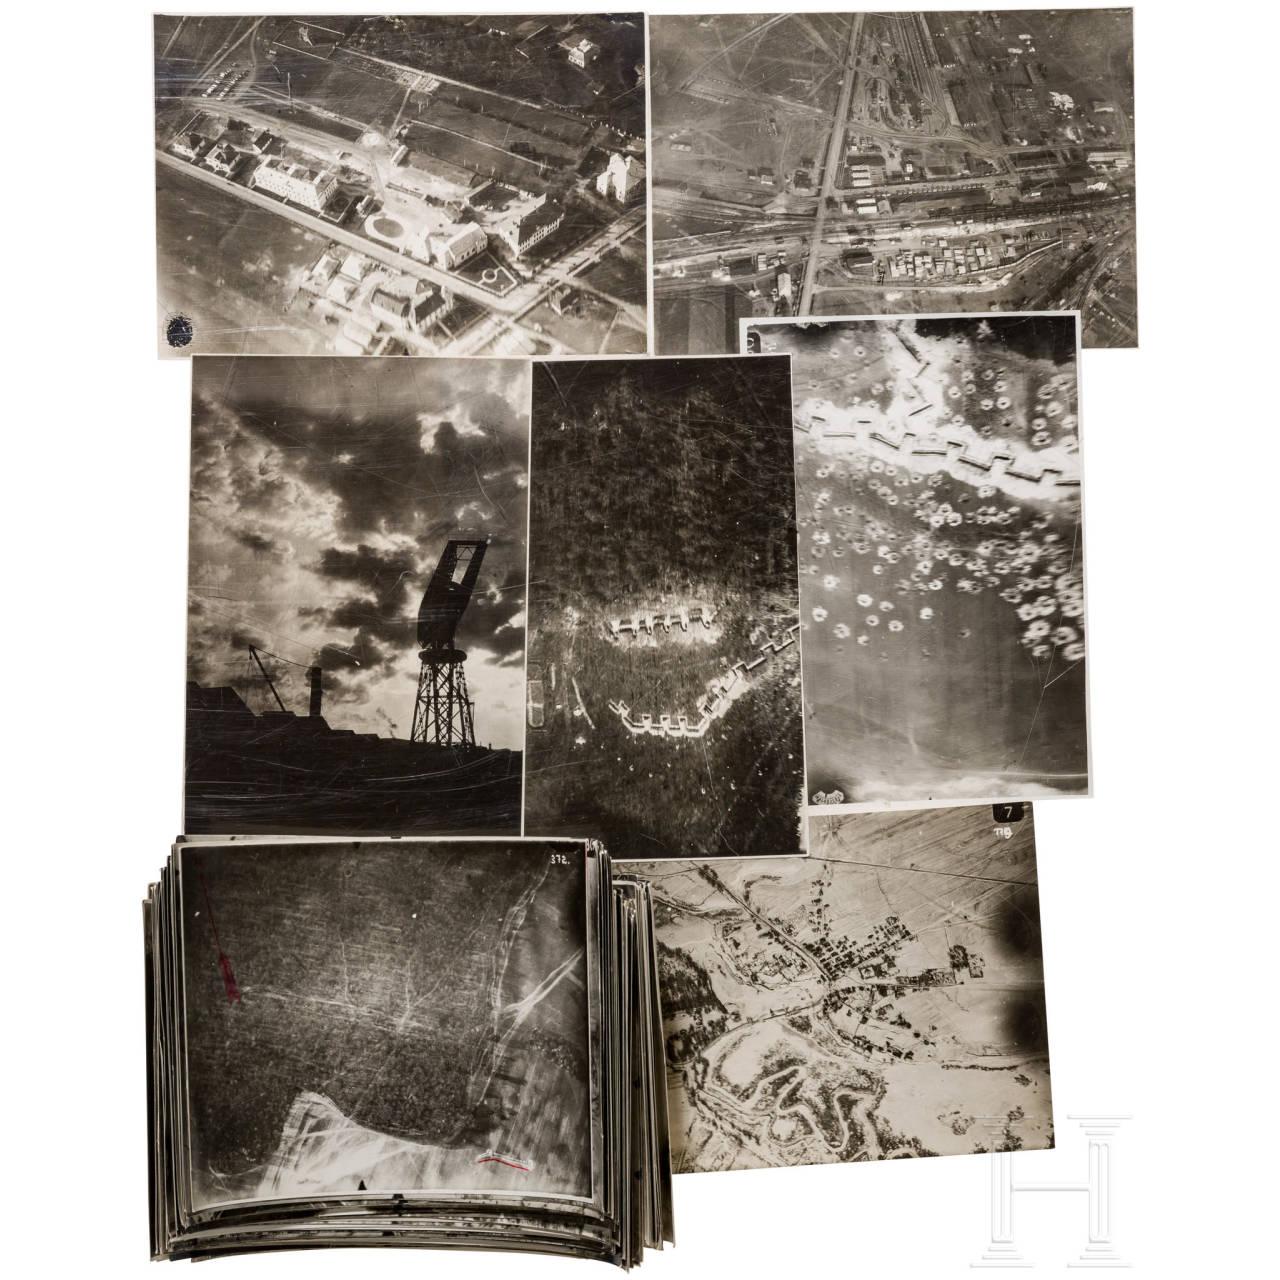 128 Luftbildaufnahmen der k.u.k. Luftfahrttruppe